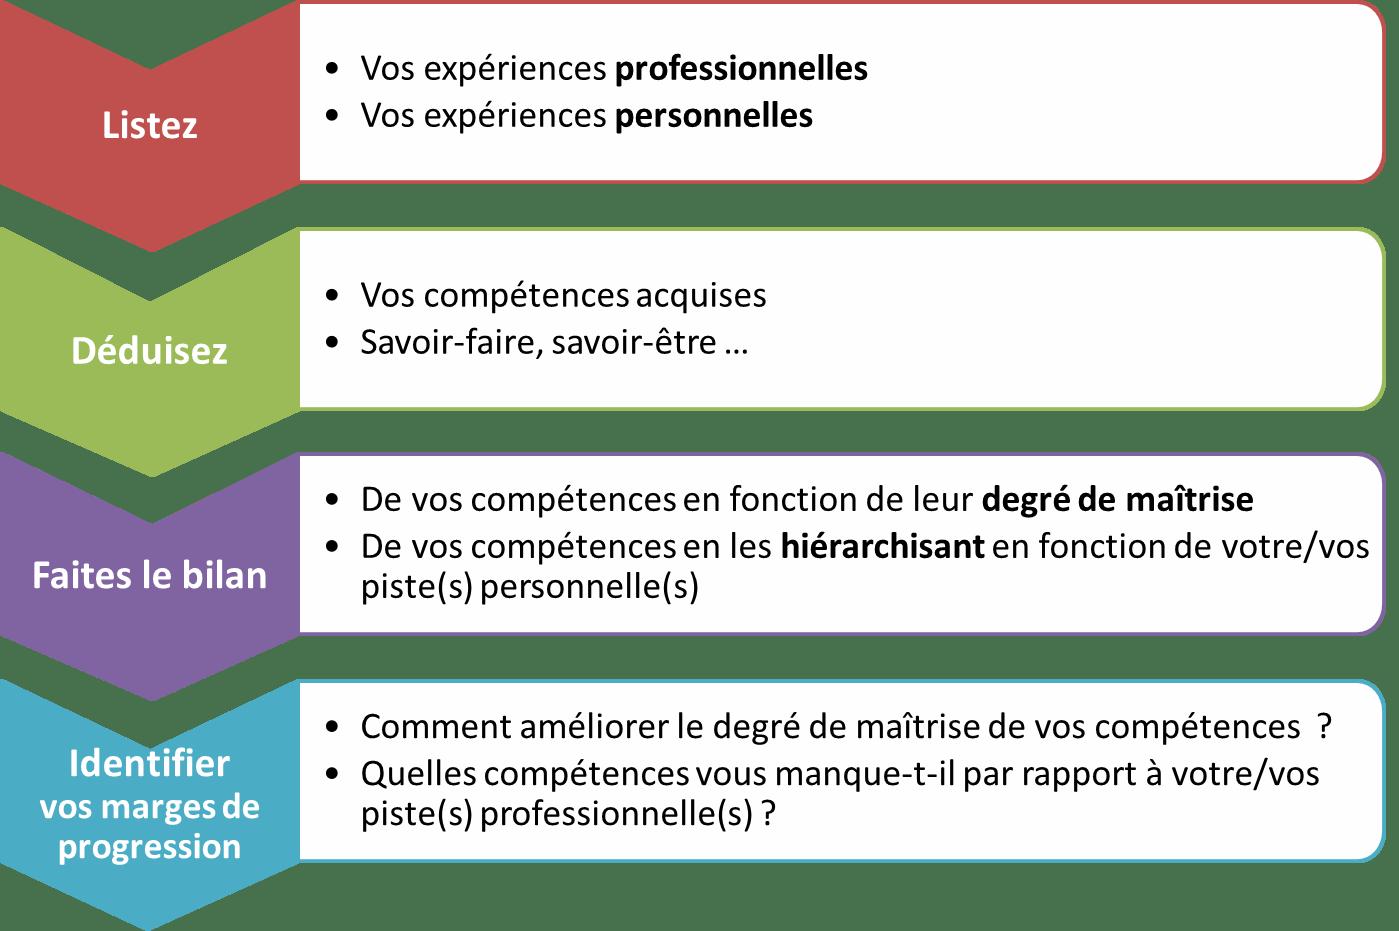 presenter des competences sur un cv